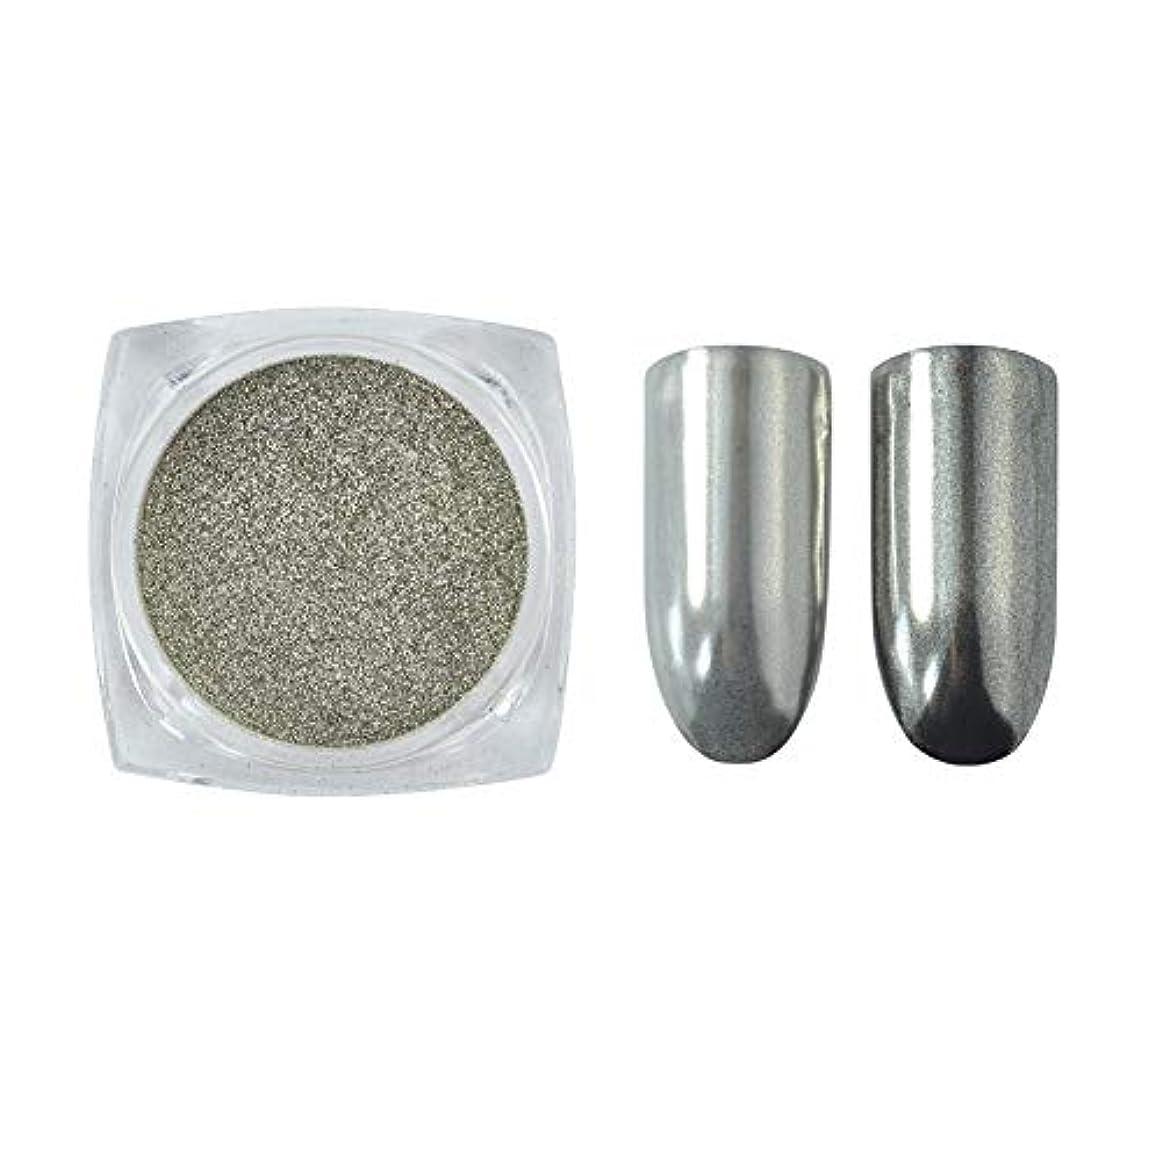 メーリンドス グリッターパウダーネイルミラーシルバー 鏡面効果に仕上がる 細かいパウダー銀色1g入る ケース付け